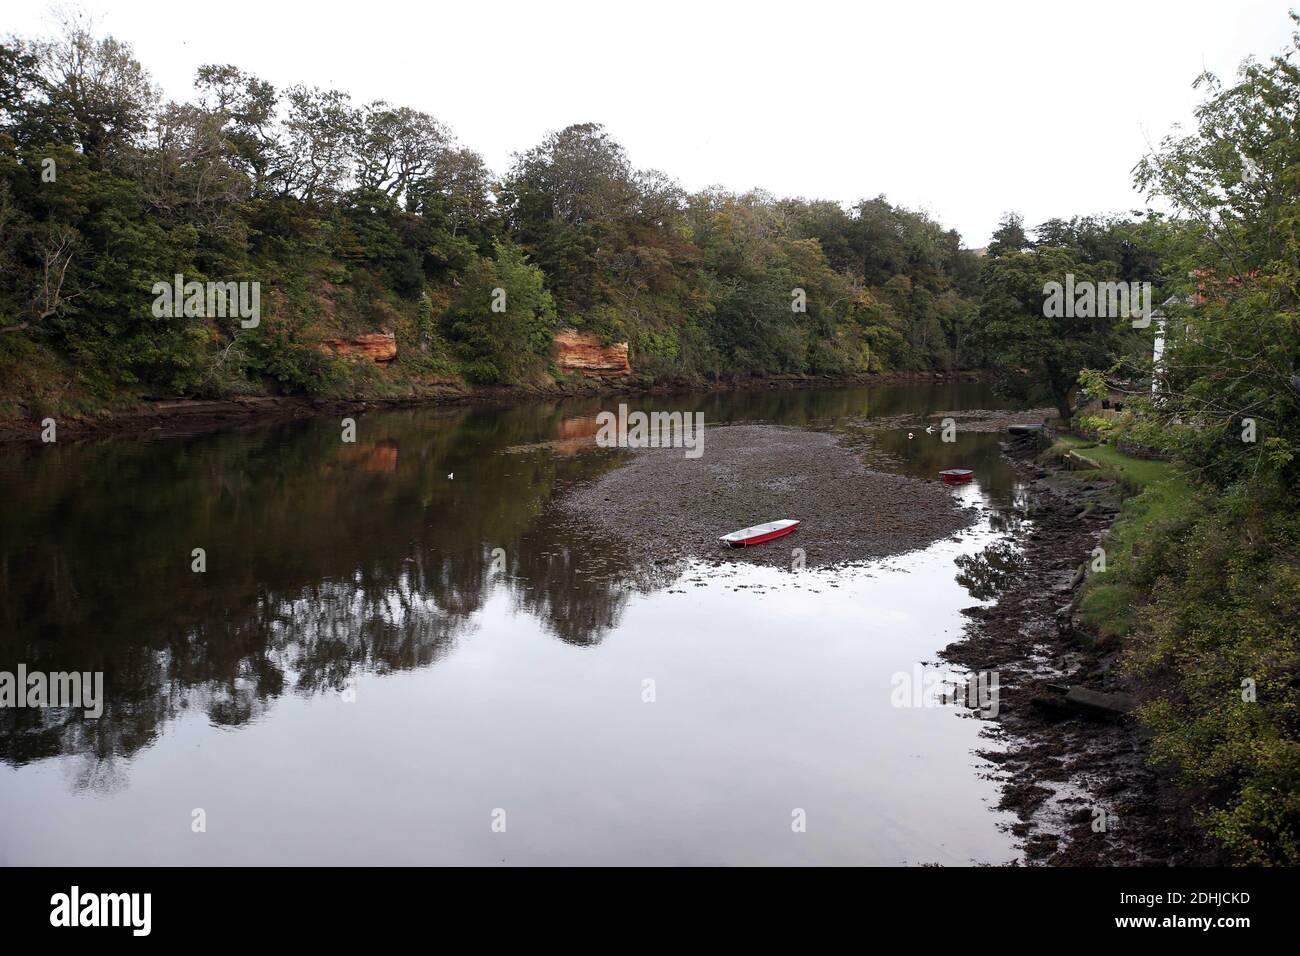 La rivière Coquet. Un bateau à rames se trouve sur le lit de la rivière à marée basse à Warkworth.samedi 3 octobre 2020. Banque D'Images